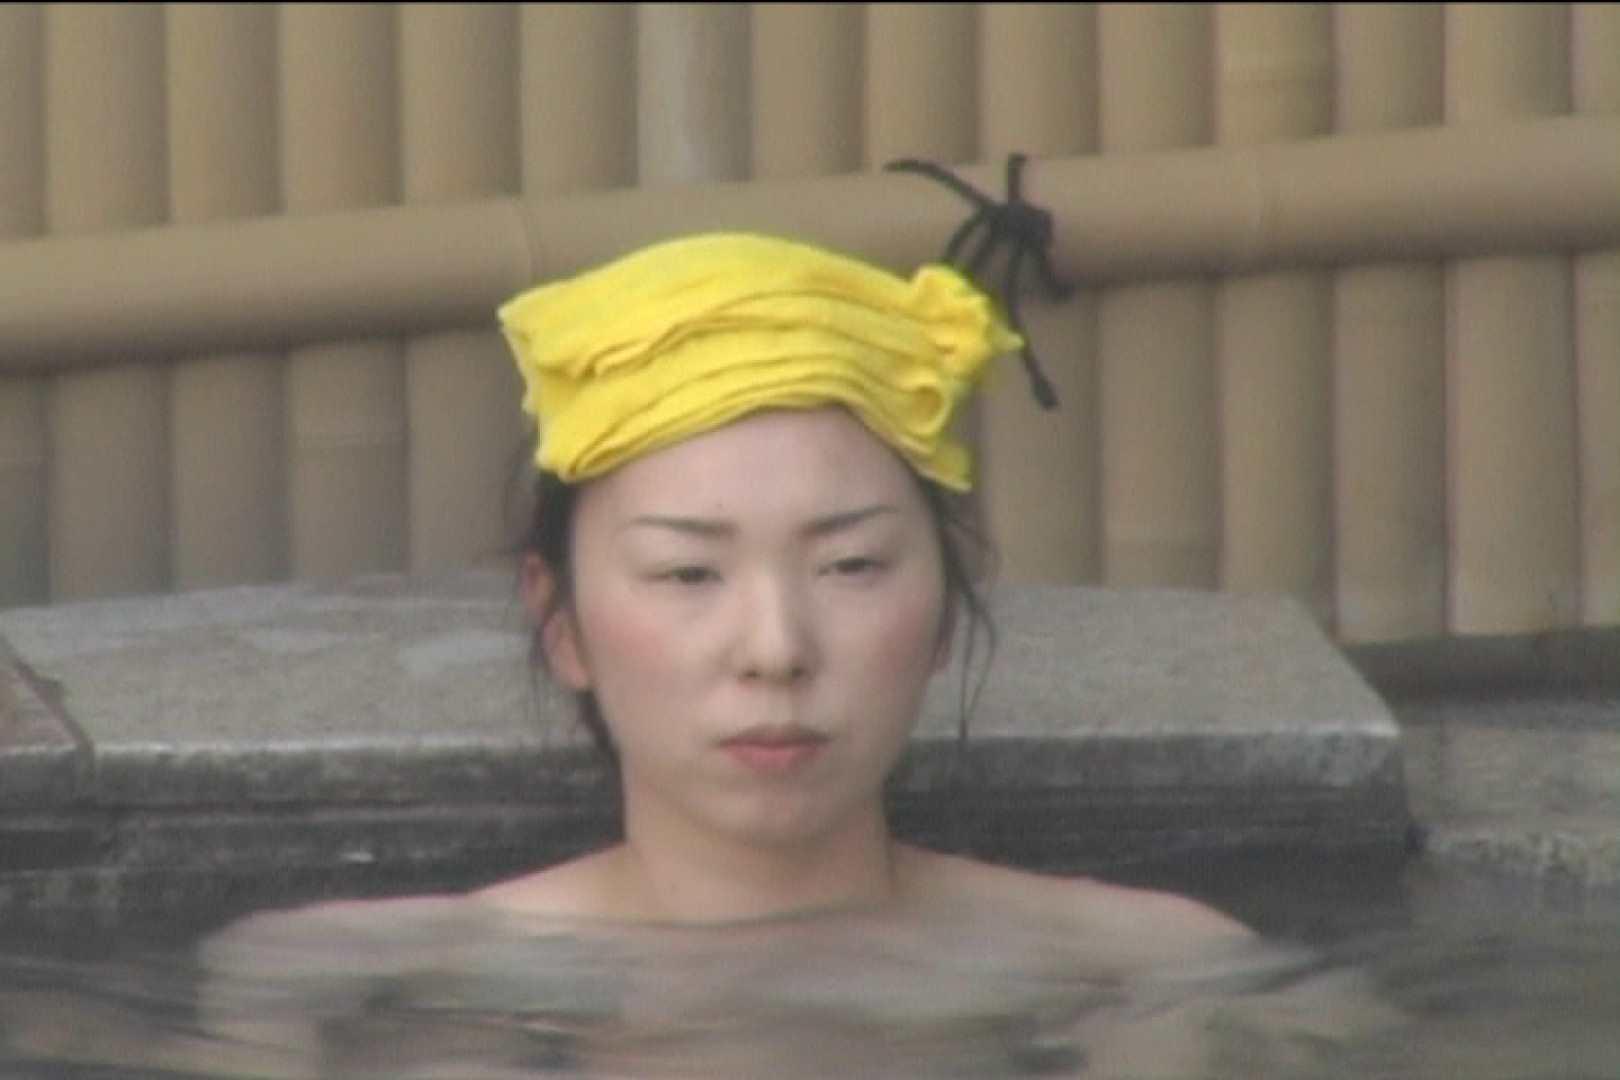 Aquaな露天風呂Vol.529 盗撮師作品 おめこ無修正画像 104pic 29